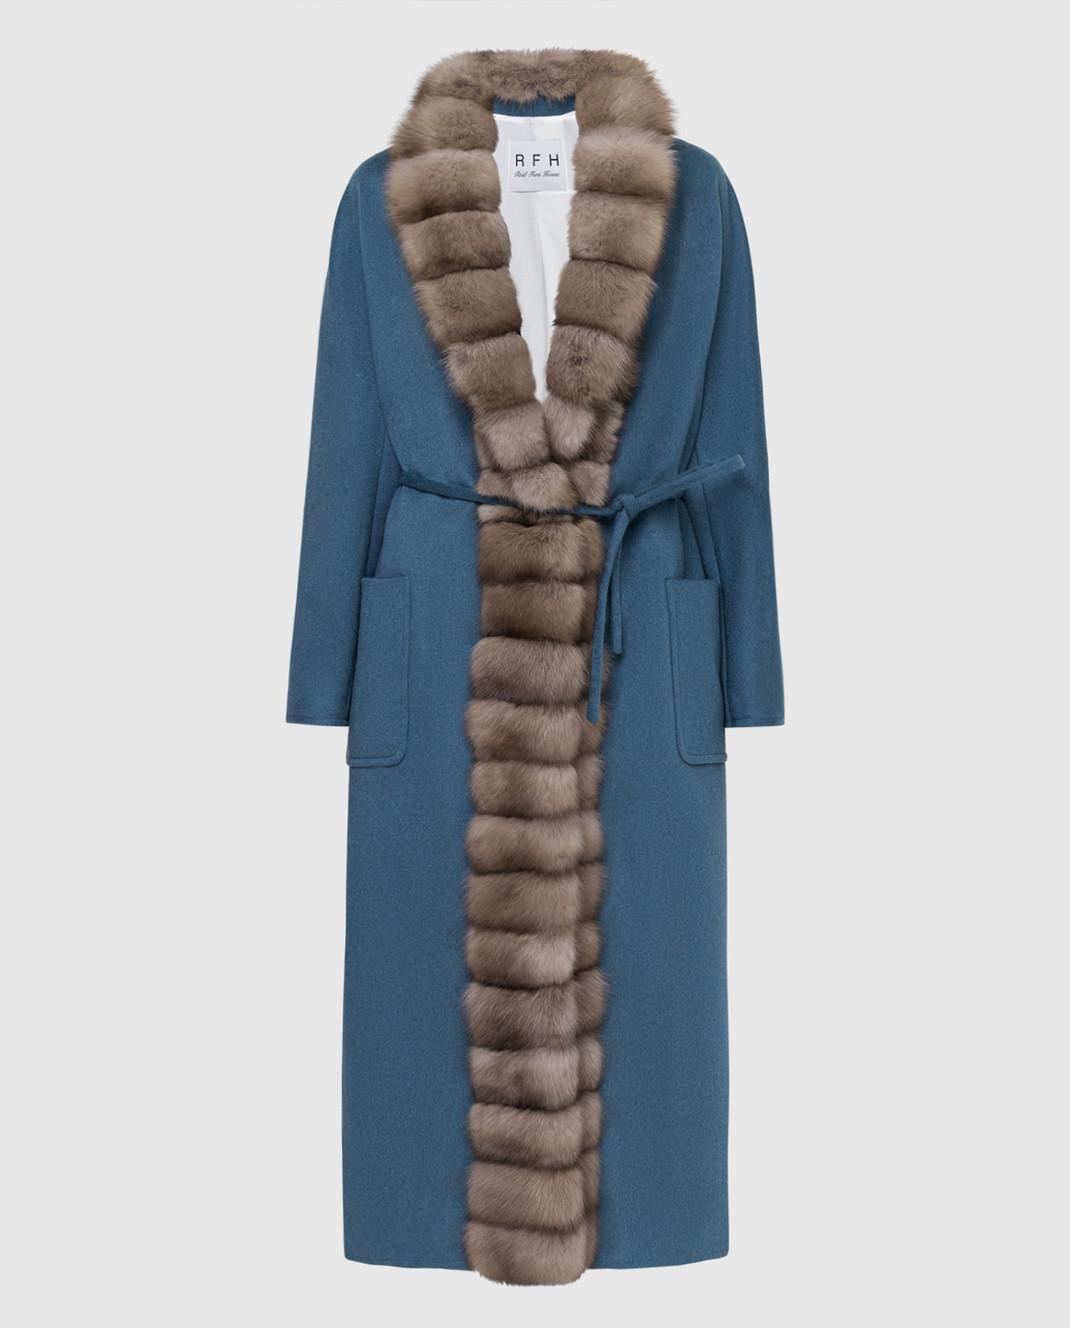 Real Furs House Синее пальто из кашемира с мехом соболя GT01lLIGHTBLUE